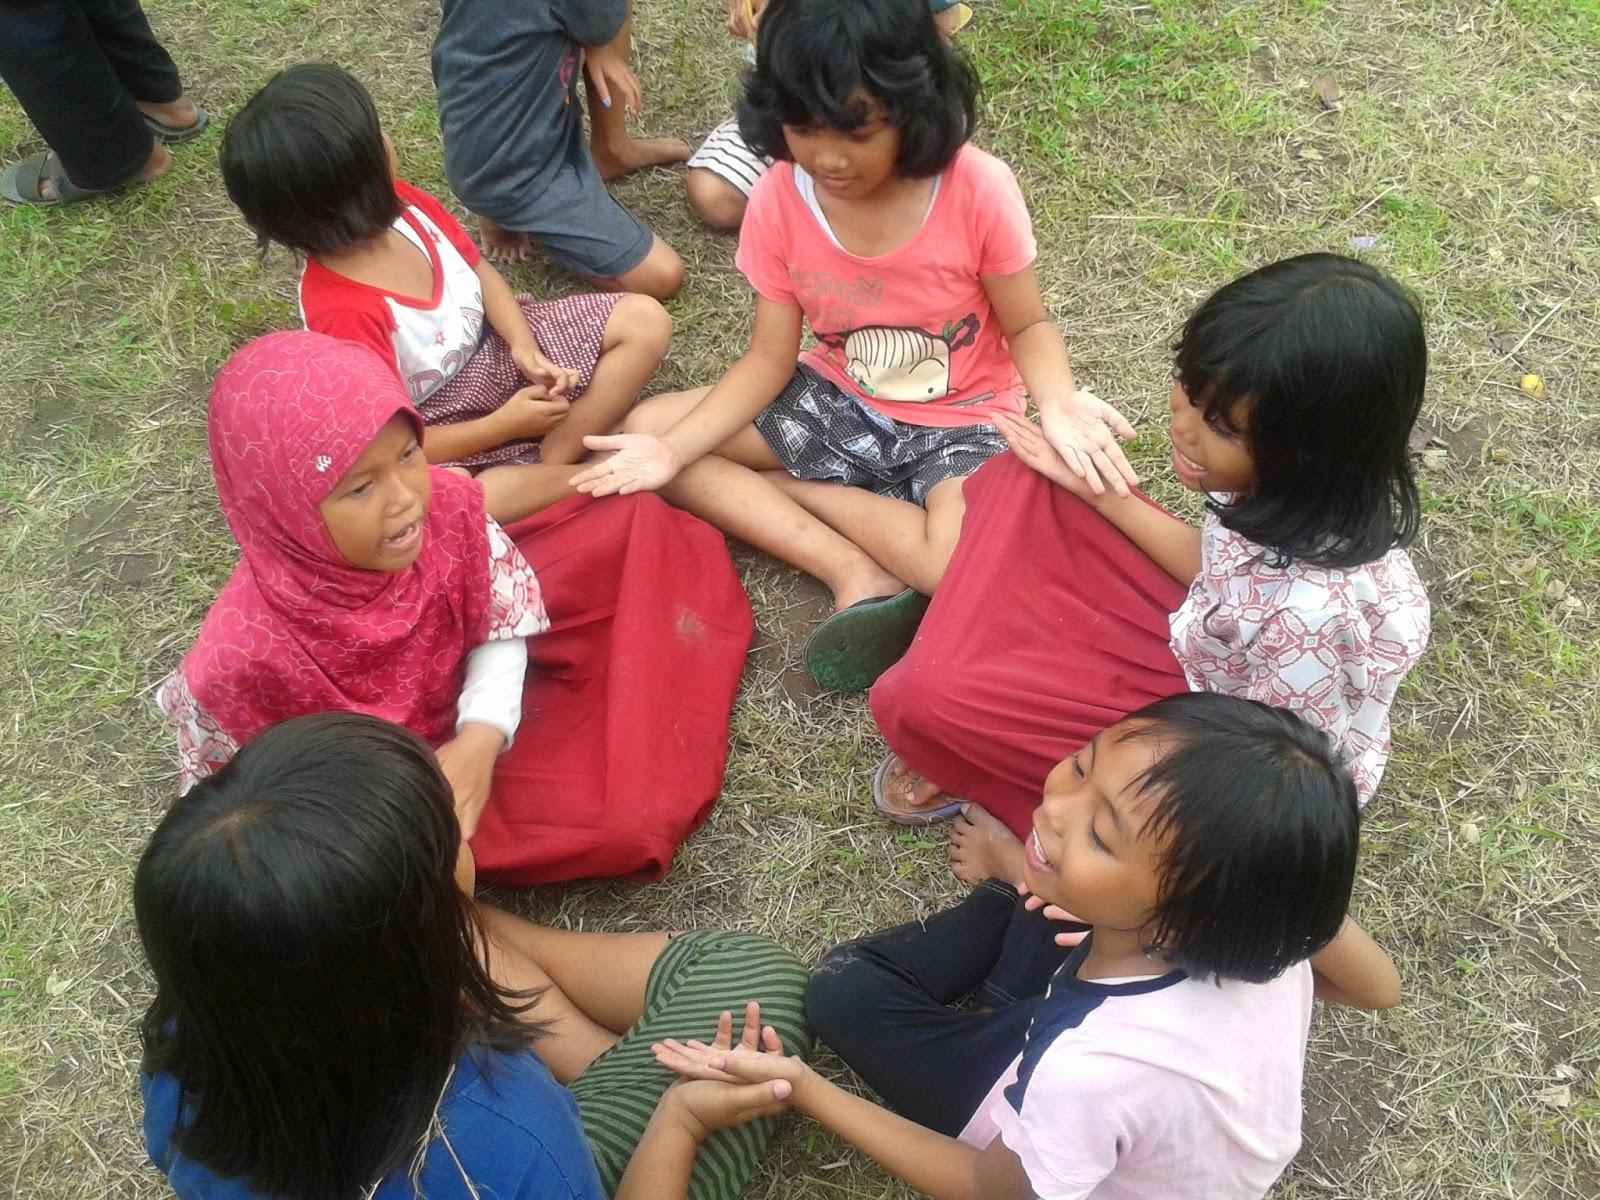 Bermain Cublak-cublak suweng (permainan Jawa Tengah)